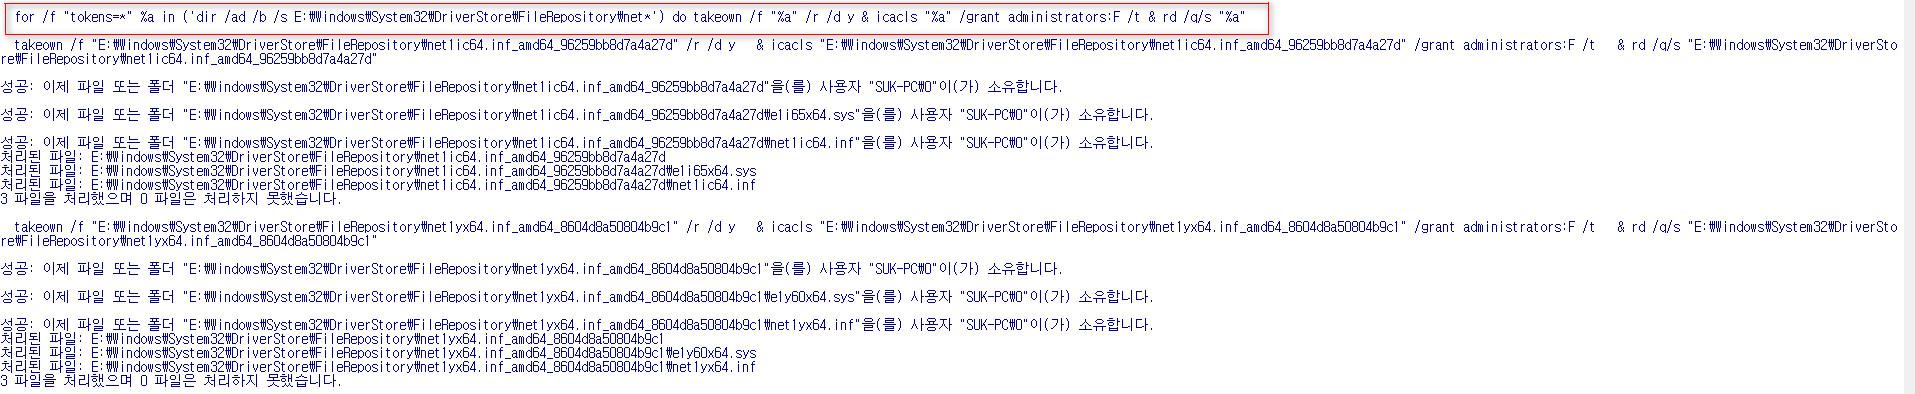 윈도10 19H1 인사이더 프리뷰 18309.1000 빌드 나왔네요 - 실컴에서 Windows Sandbox 테스트 - 어떤 드라이버가 충돌을 일으키는지 확인 테스트4 [윈도에 내장된 랜드라이버 제거] - 3번째 for 구문과 사용권한 획득으로 내장 랜 드라이버들 삭제 성공함 2019-01-07_182524.jpg